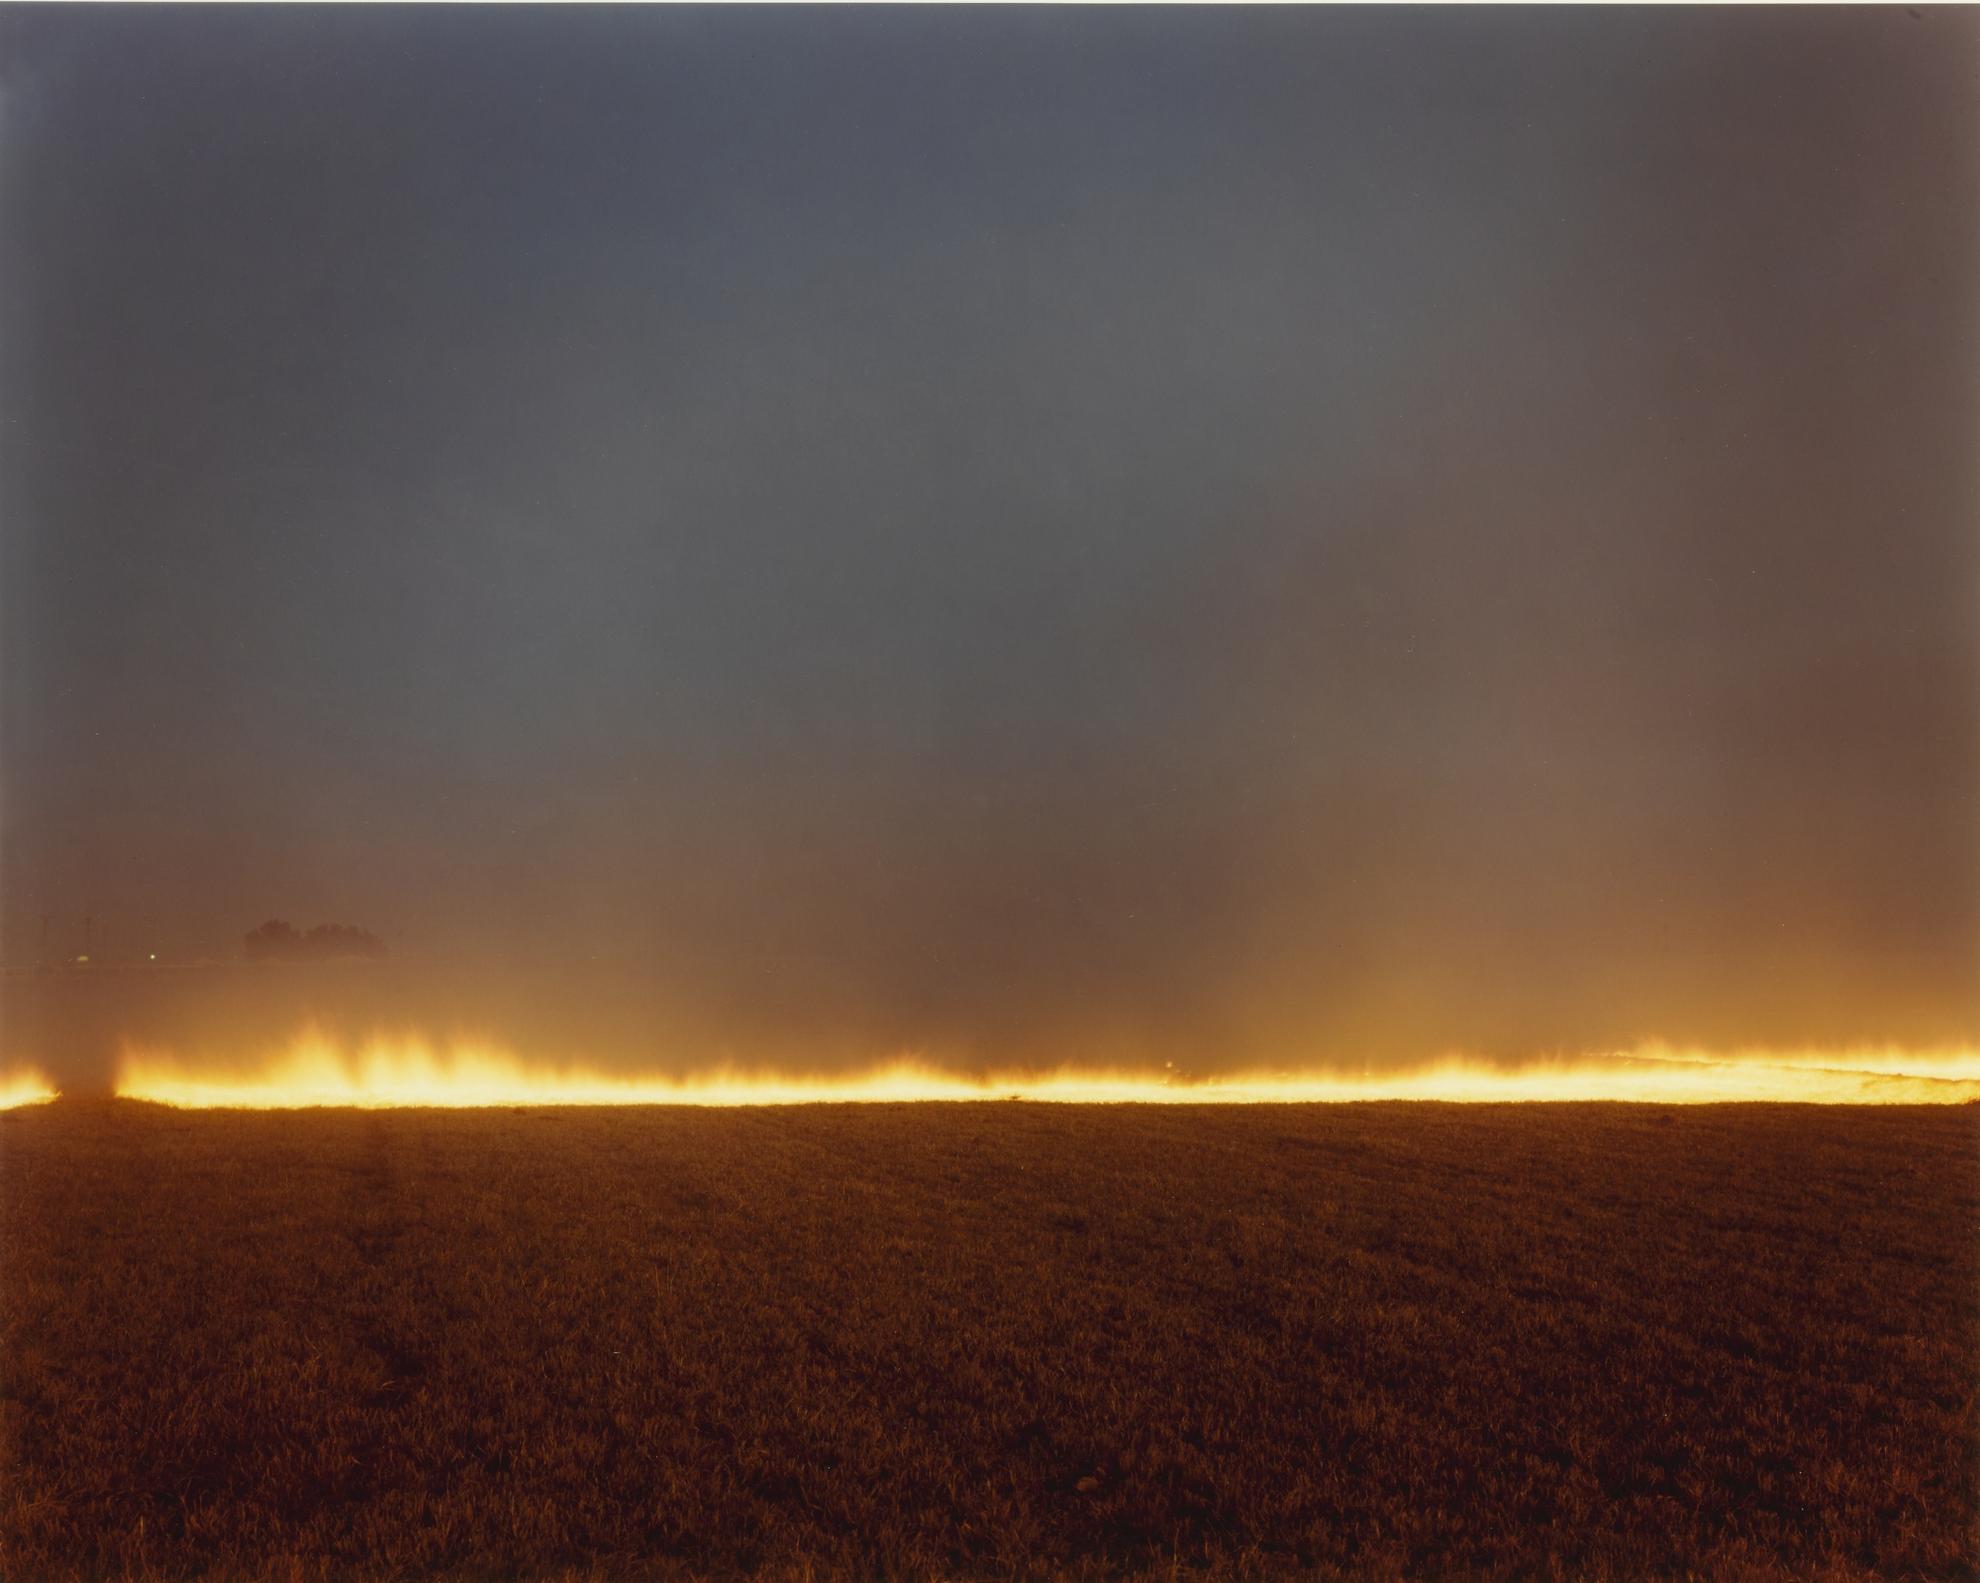 Richard Misrach-Desert Fire No. 248-1985